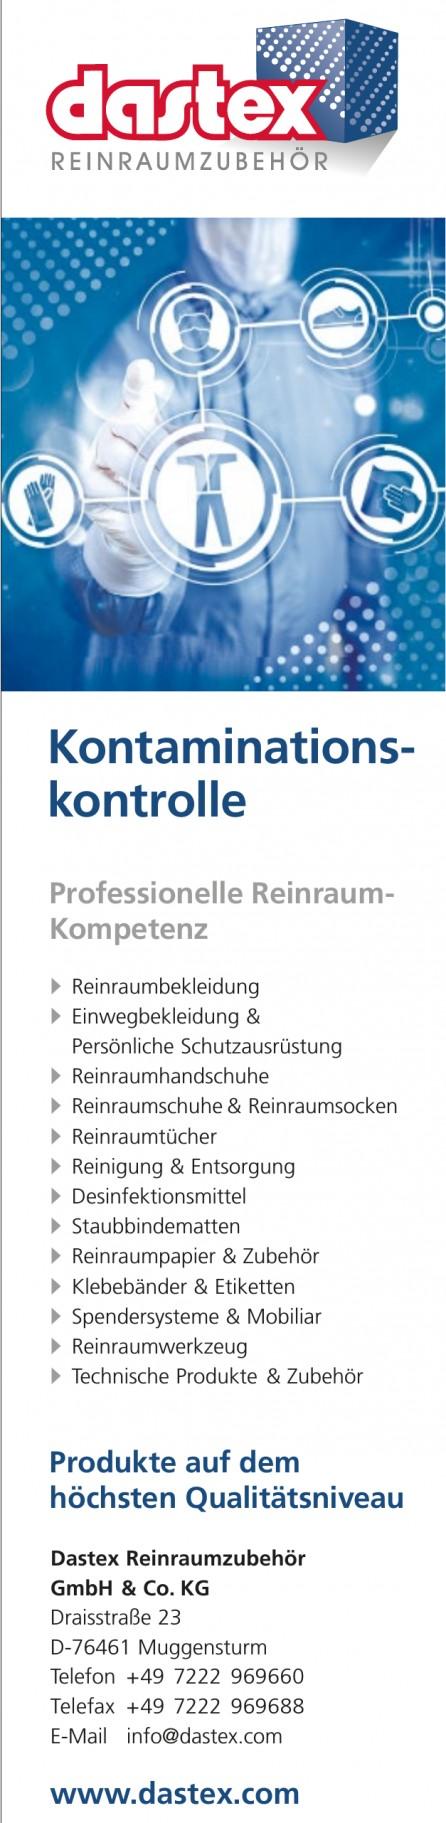 Dastex Reinraumzubehör GmbH & Co. KG